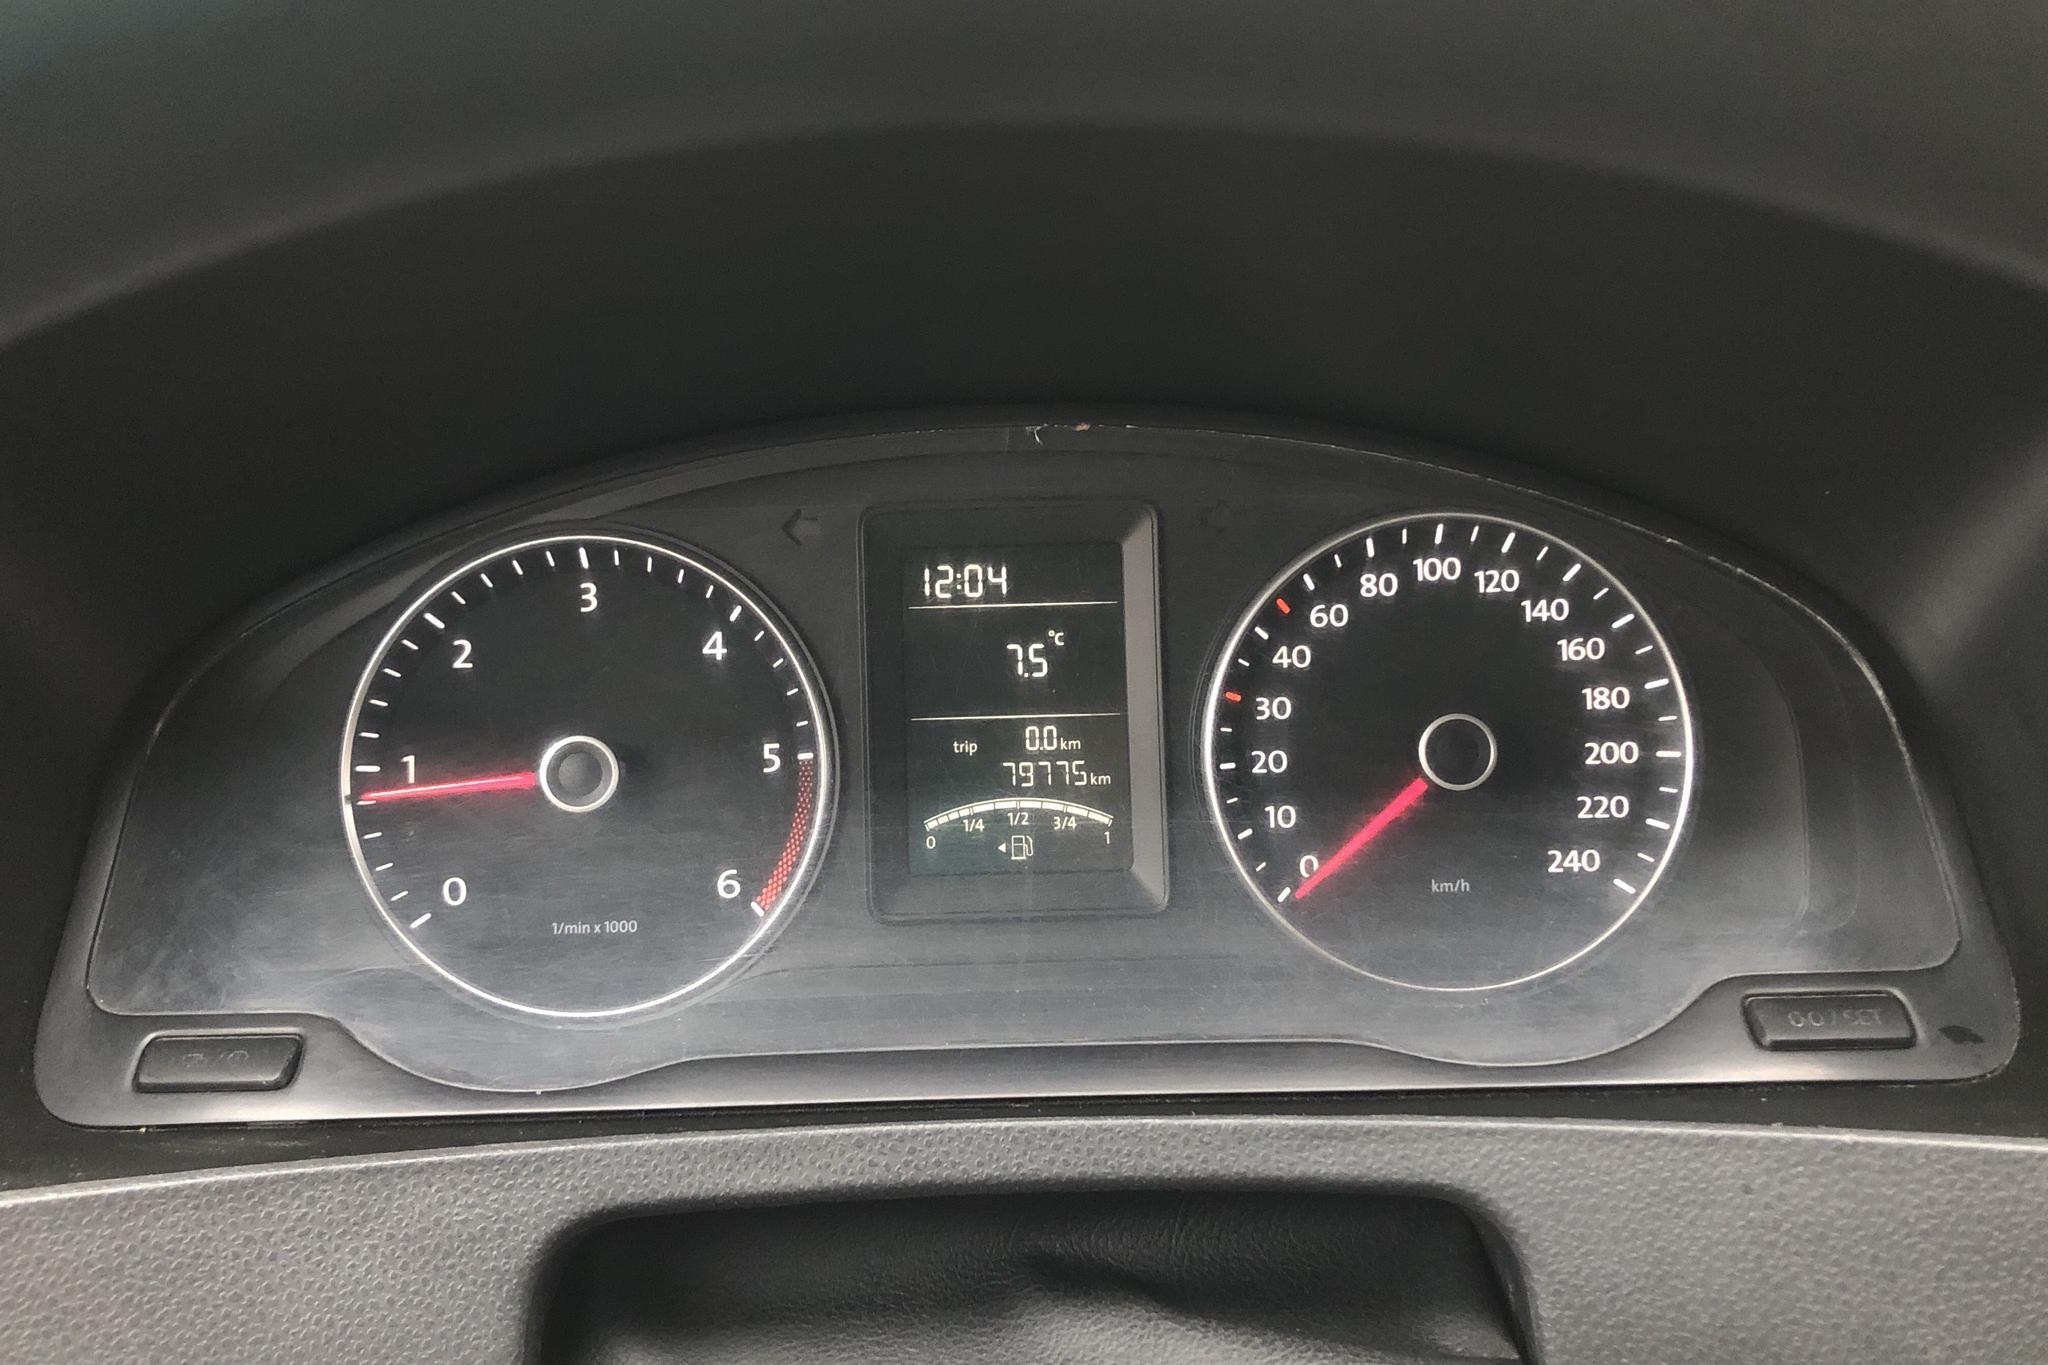 VW Transporter T5 2.0 TDI Pickup (102hk) - 7 977 mil - Manuell - vit - 2014